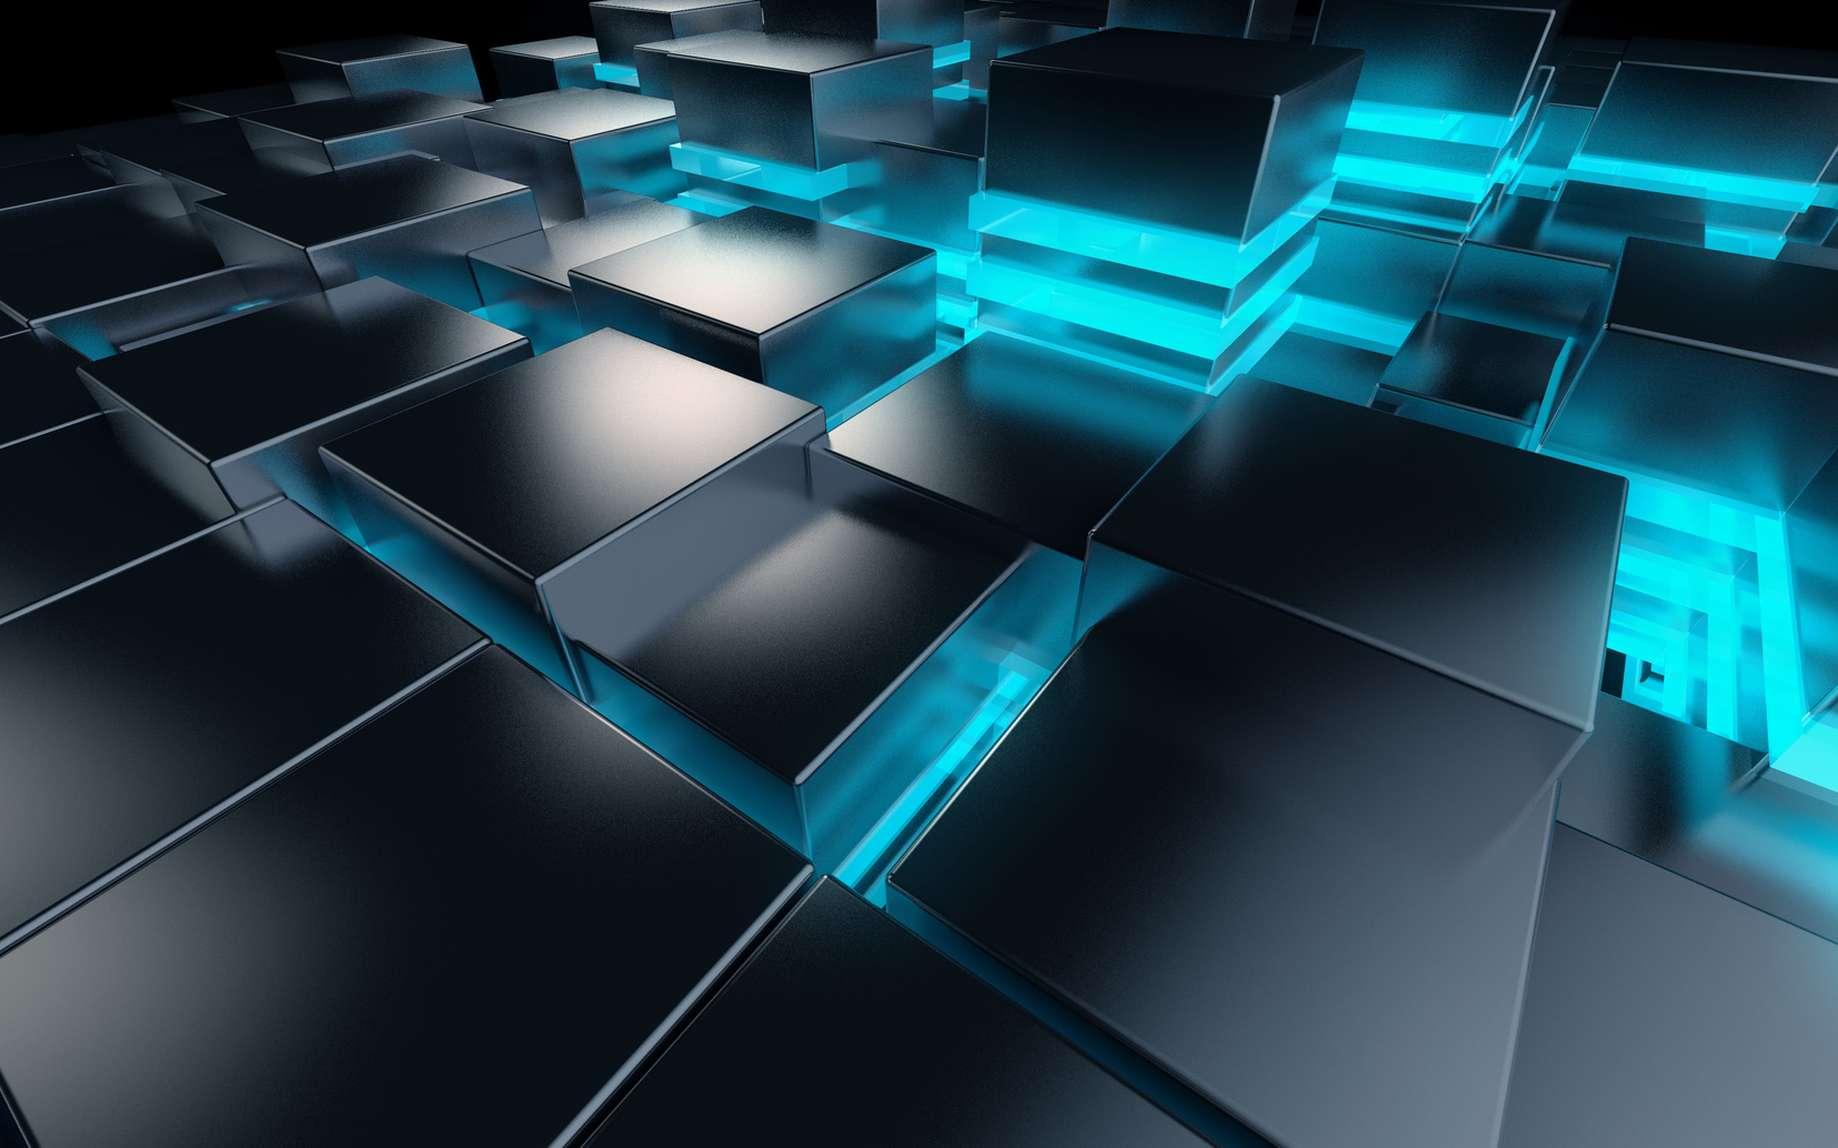 Pour un robot microscopique, les obstacles sont nombreux et difficilement surmontables. Pour assurer le mouvement, il faut imaginer des solutions ingénieuses et souvent différentes de celles de notre monde macroscopique. © pingingz, Fotolia